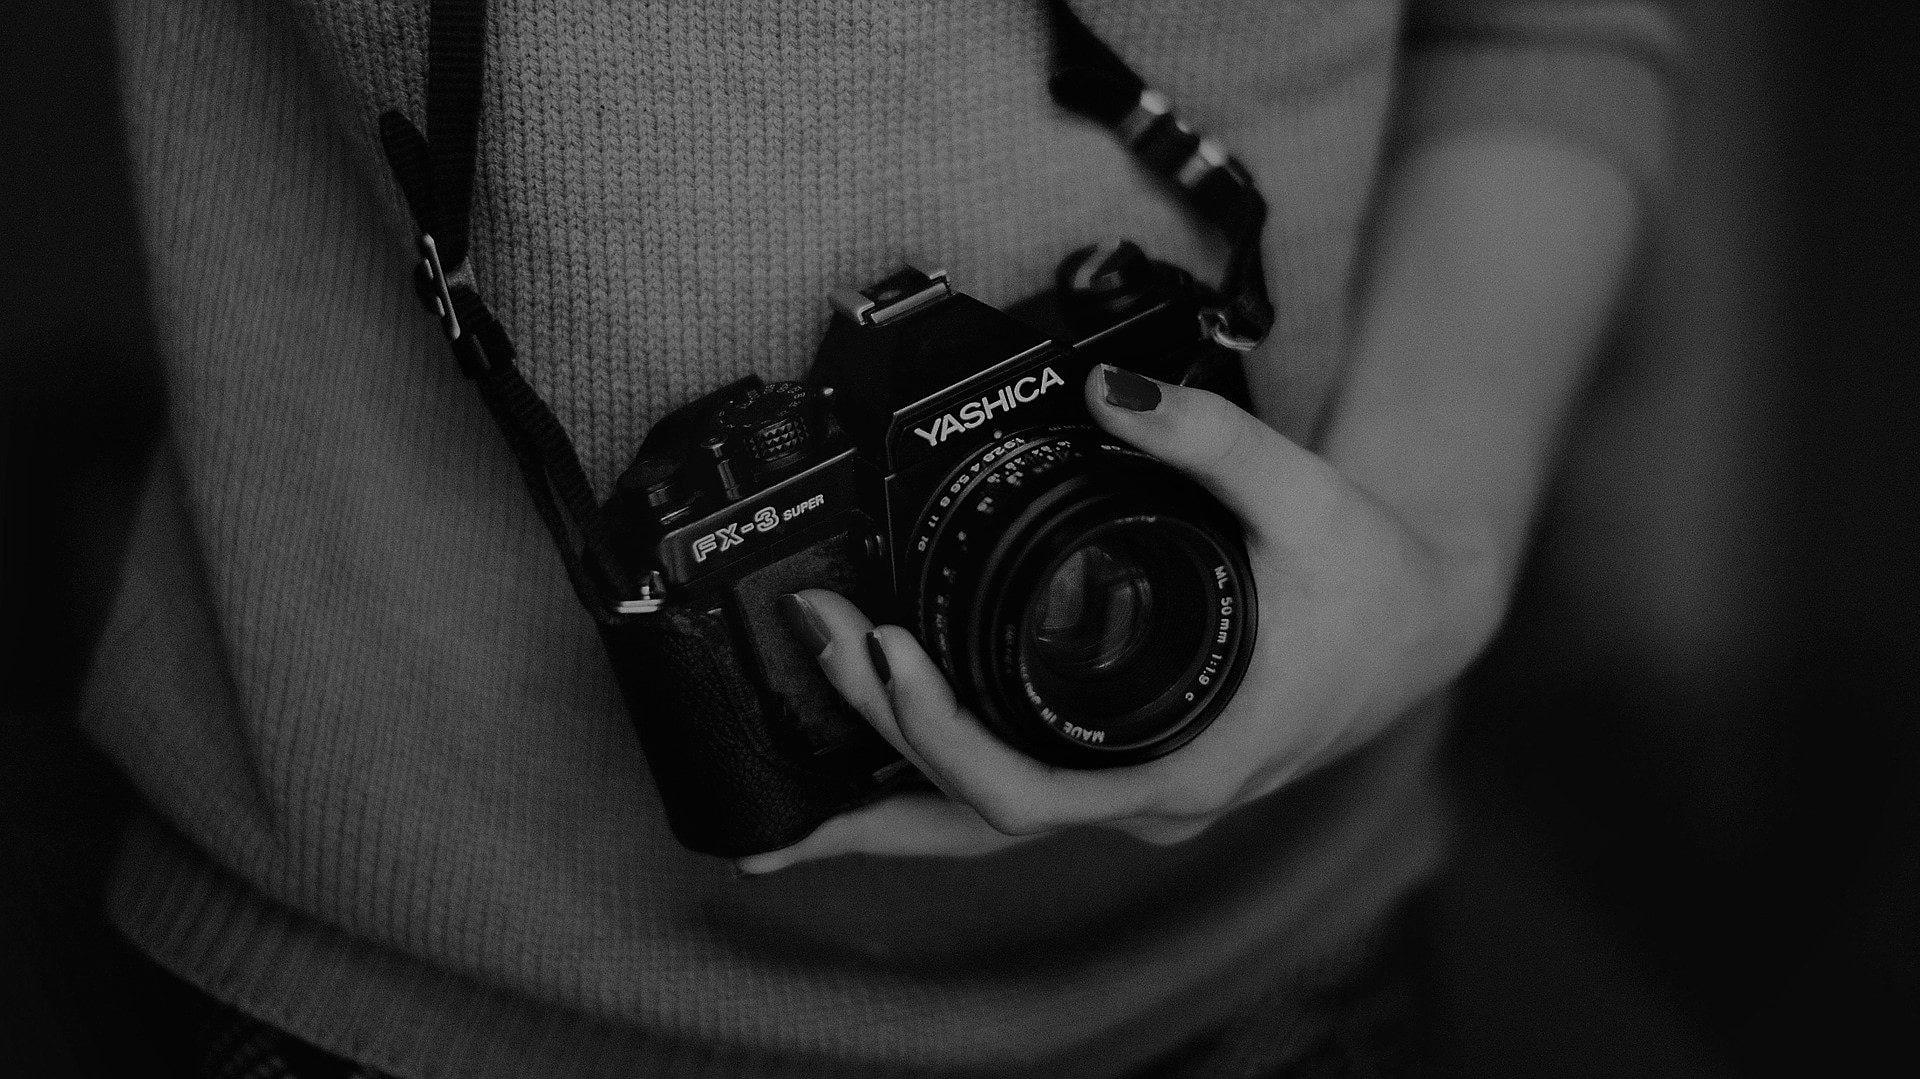 Un appareil photo professionnel